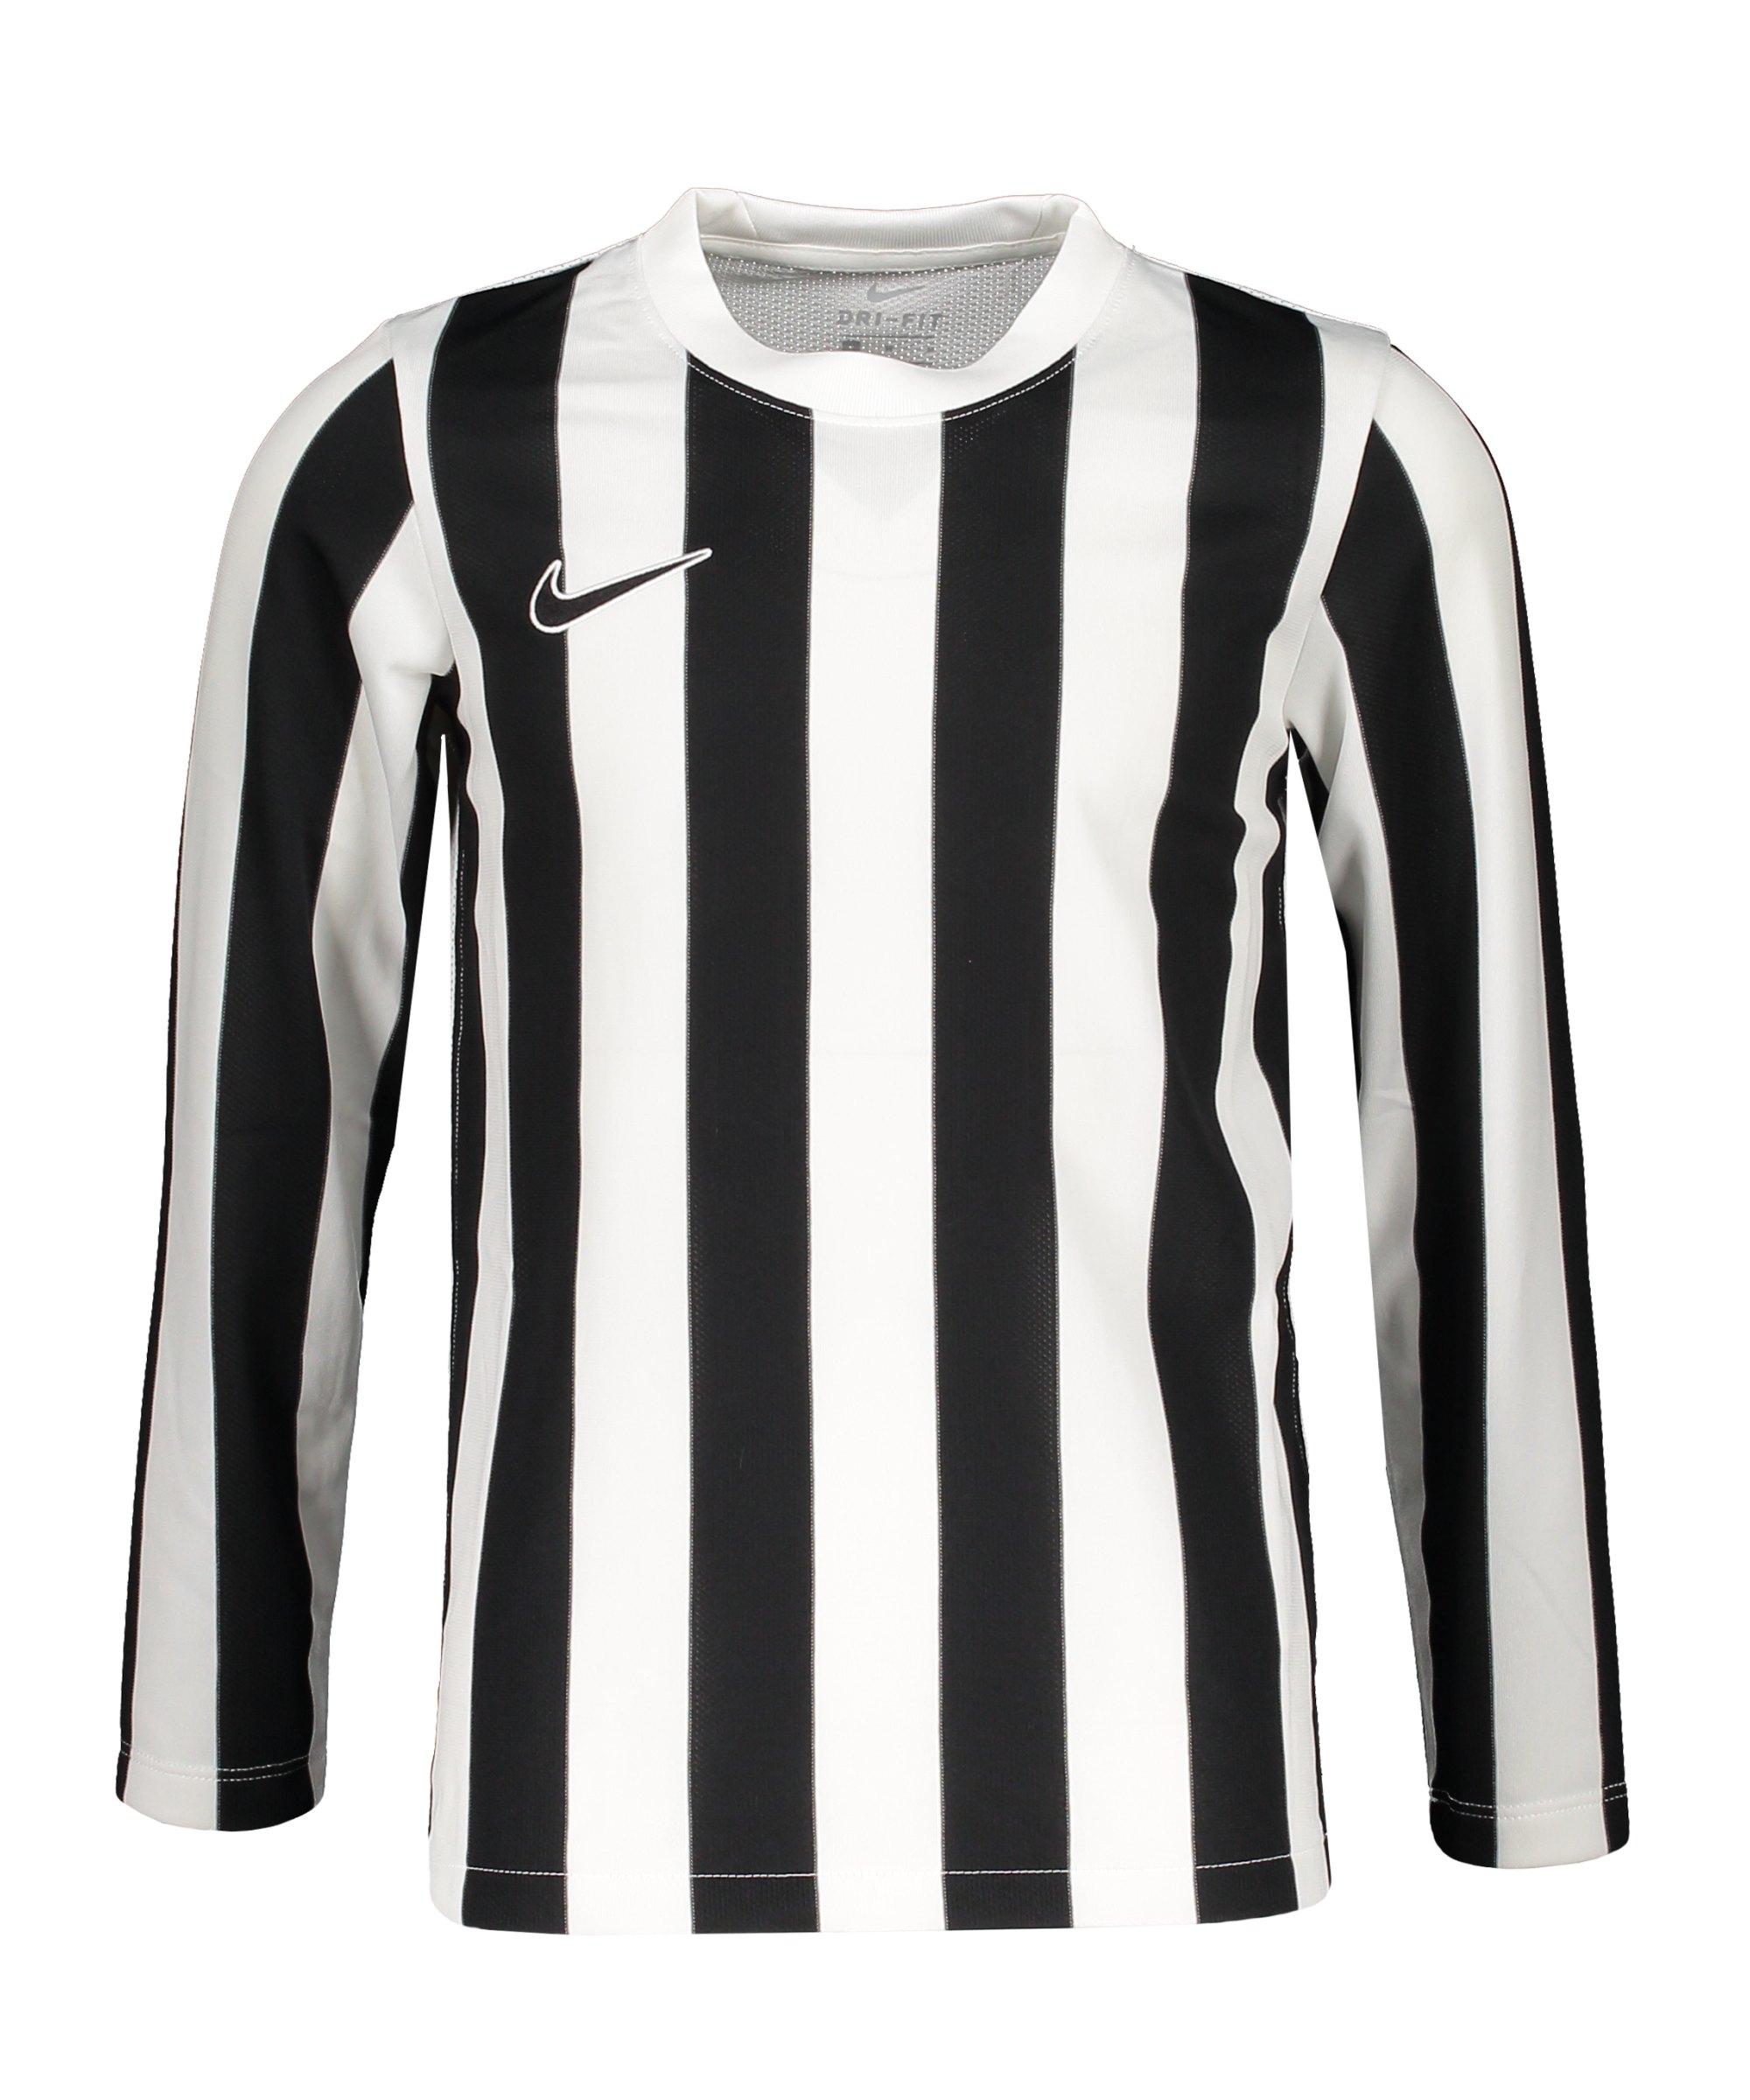 Nike Division IV Striped Trikot langarm Kids F100 - weiss